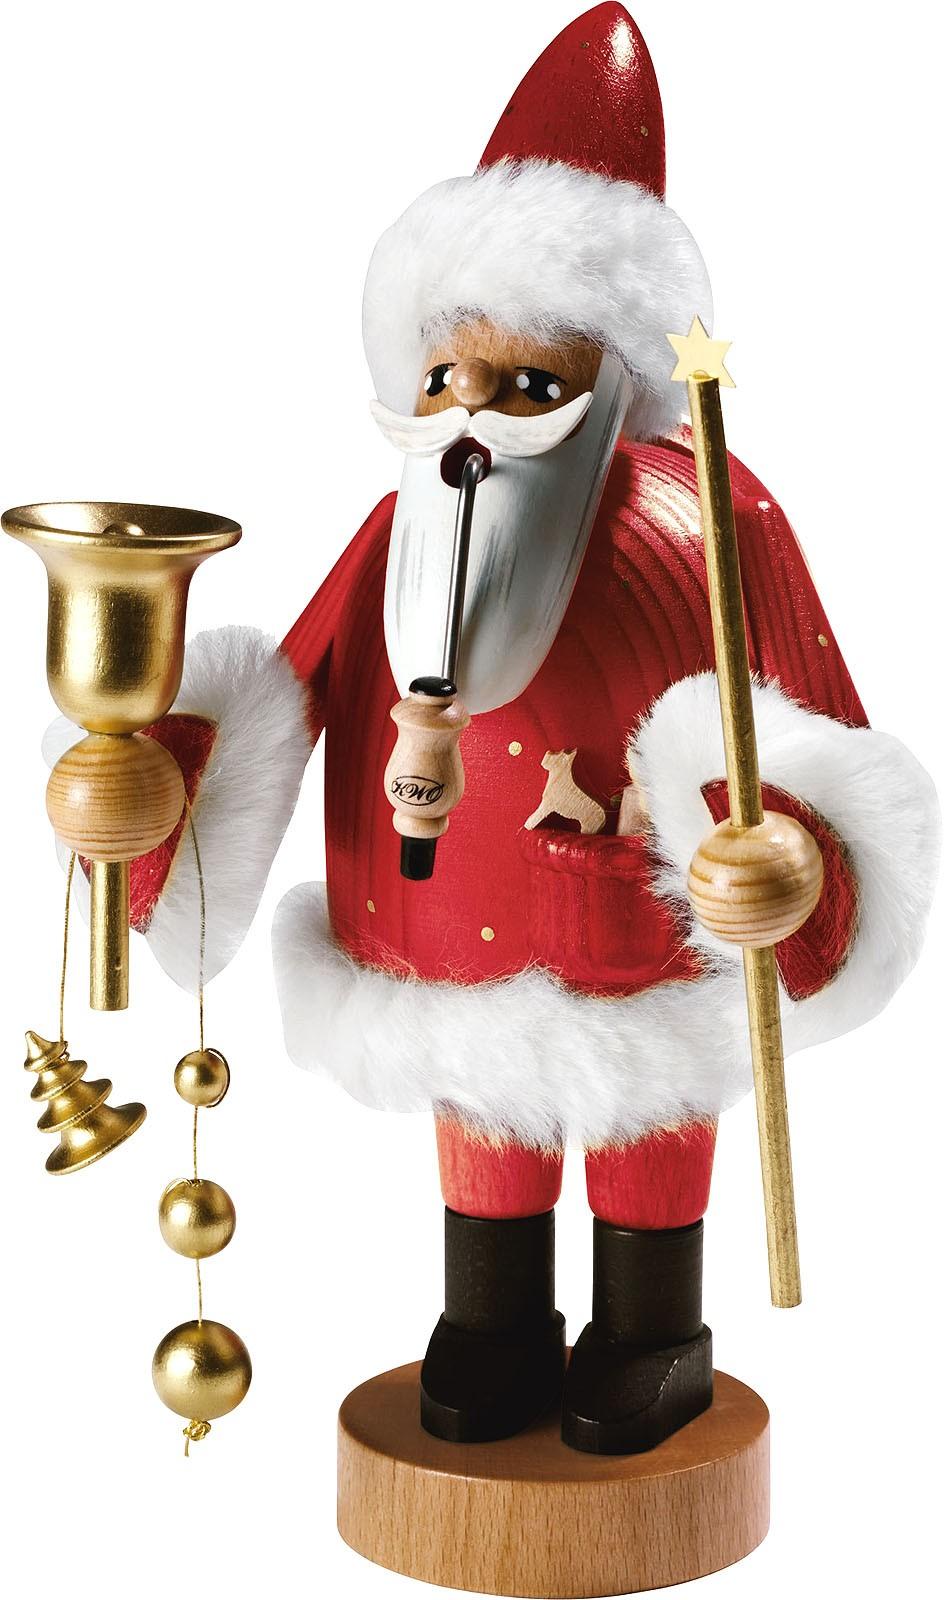 Räuchermann Santa Claus -Die Bärtigen- 37 cm